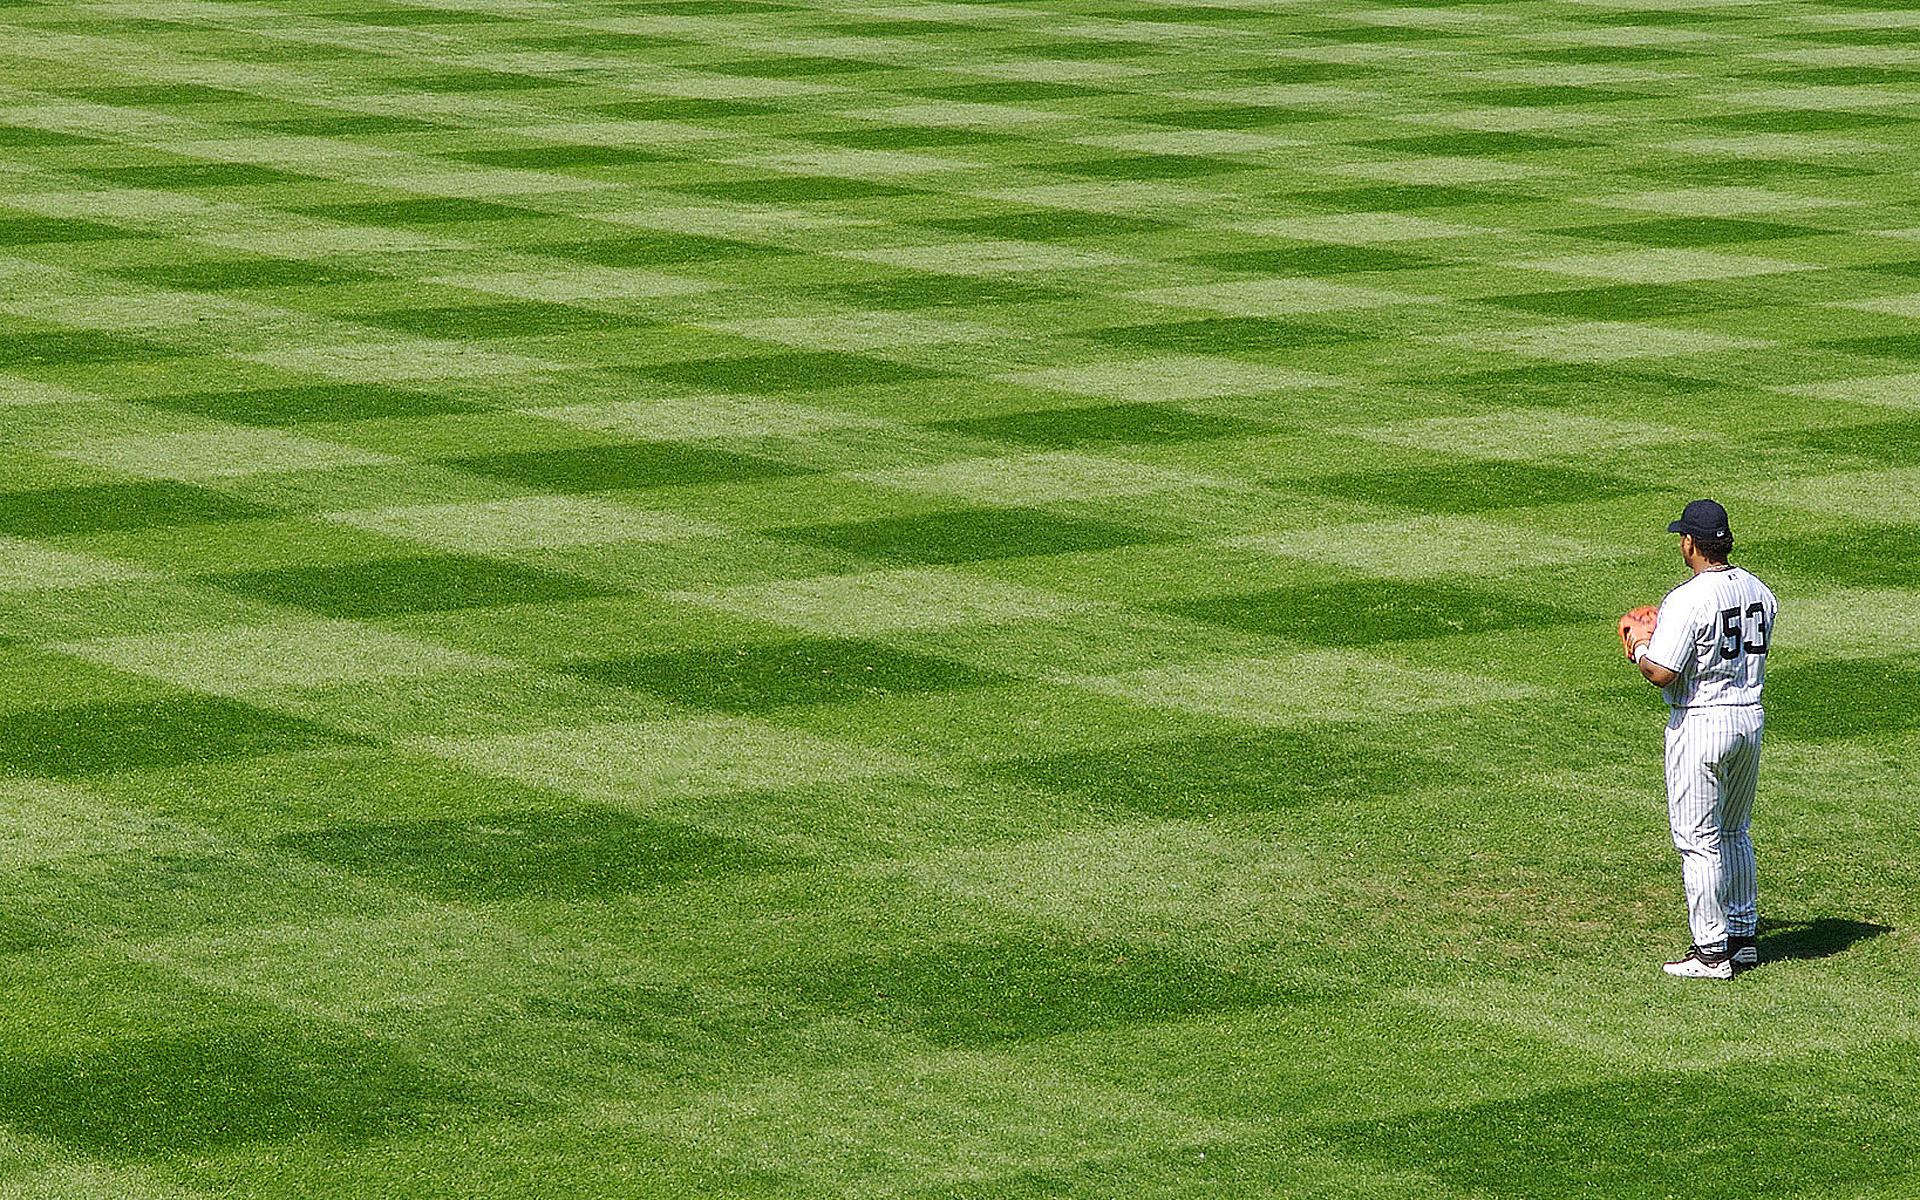 baseball field grass wallpaper sports t56iodwvfti aaaaaaaavsi 1920x1200